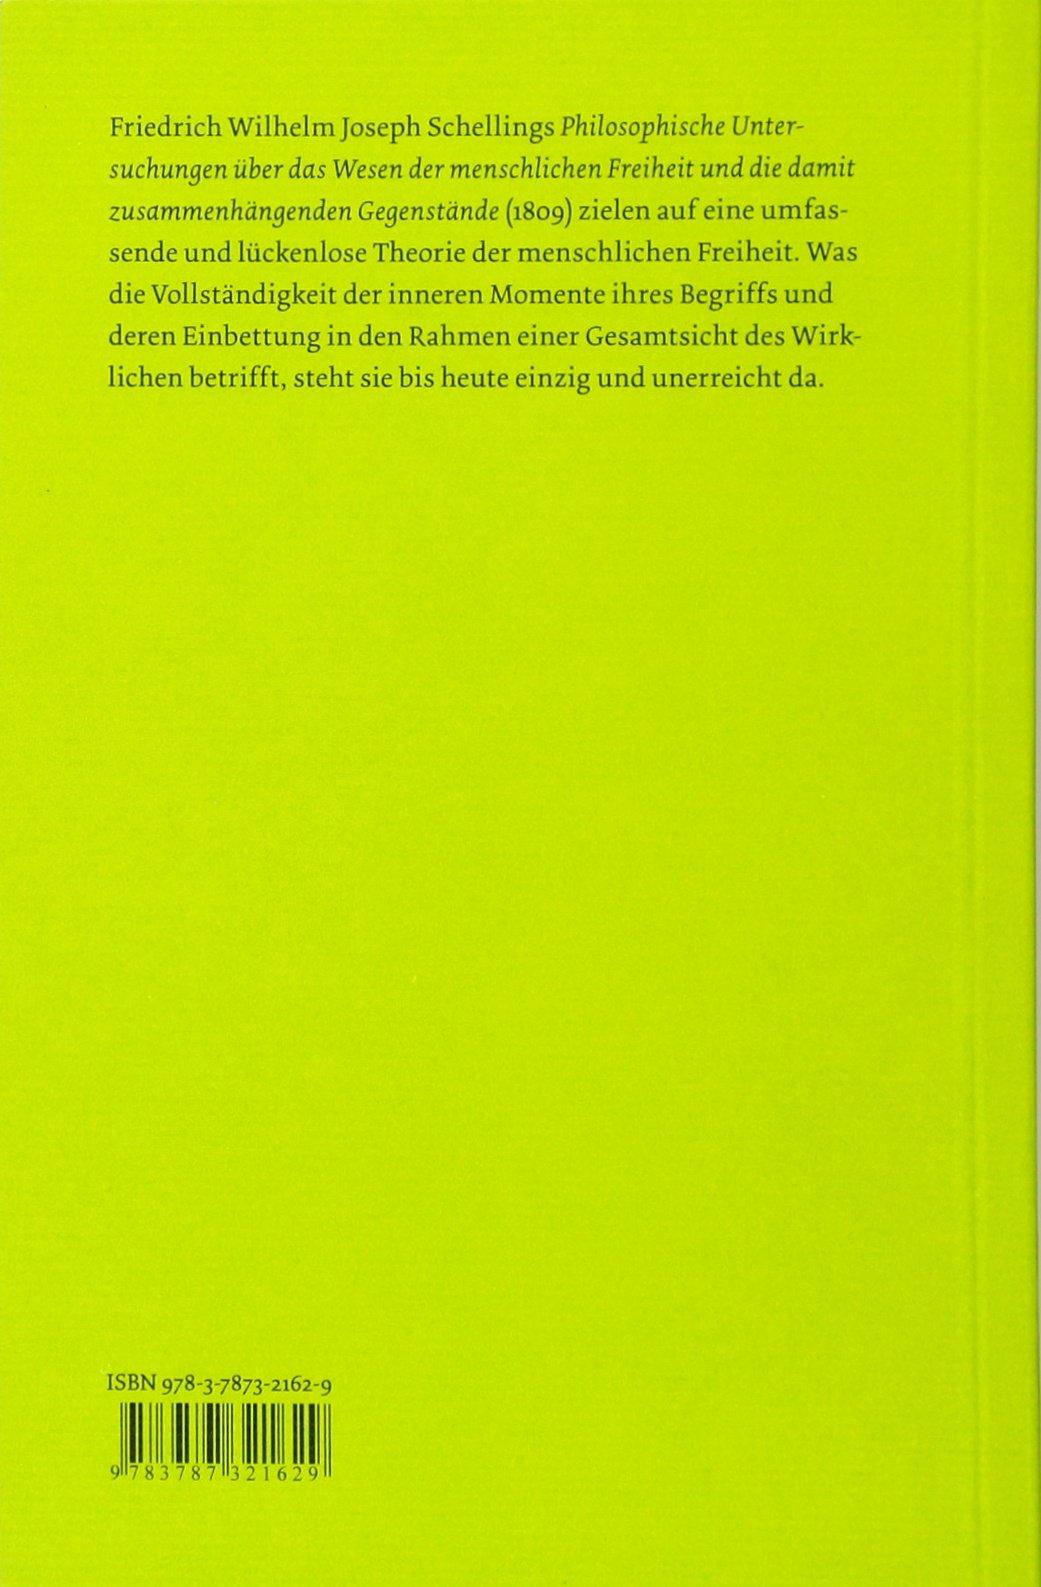 Über das Wesen der menschlichen Freiheit Philosophische Bibliothek ...